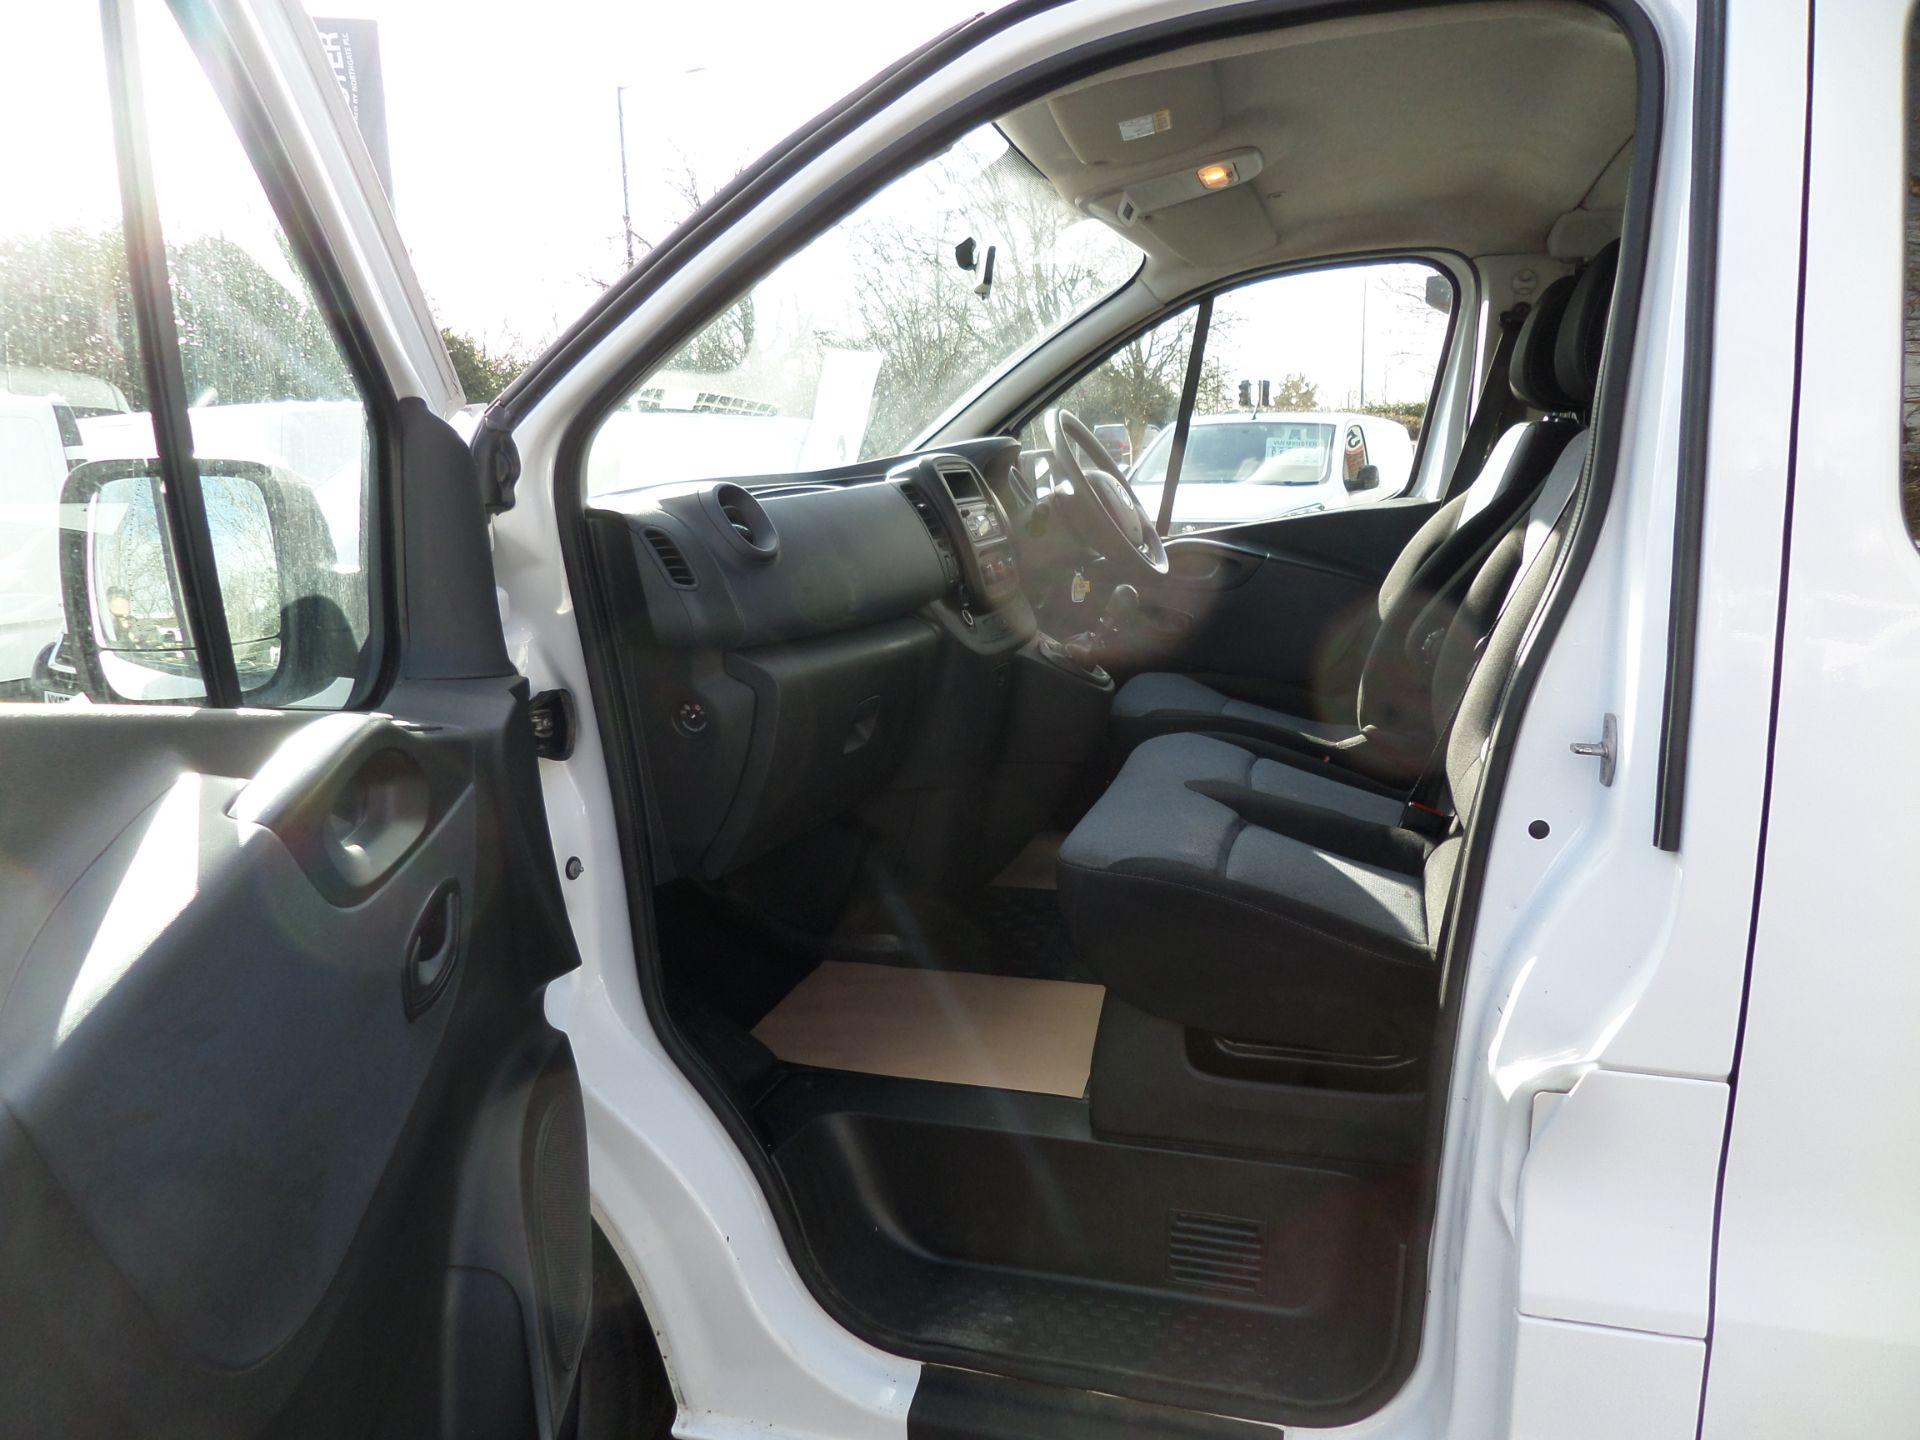 2017 Vauxhall Vivaro 2900 1.6Cdti Biturbo 125Ps H1 Combi 9 Seat (NO VAT) 70mph Limited (DY17UTV) Image 8